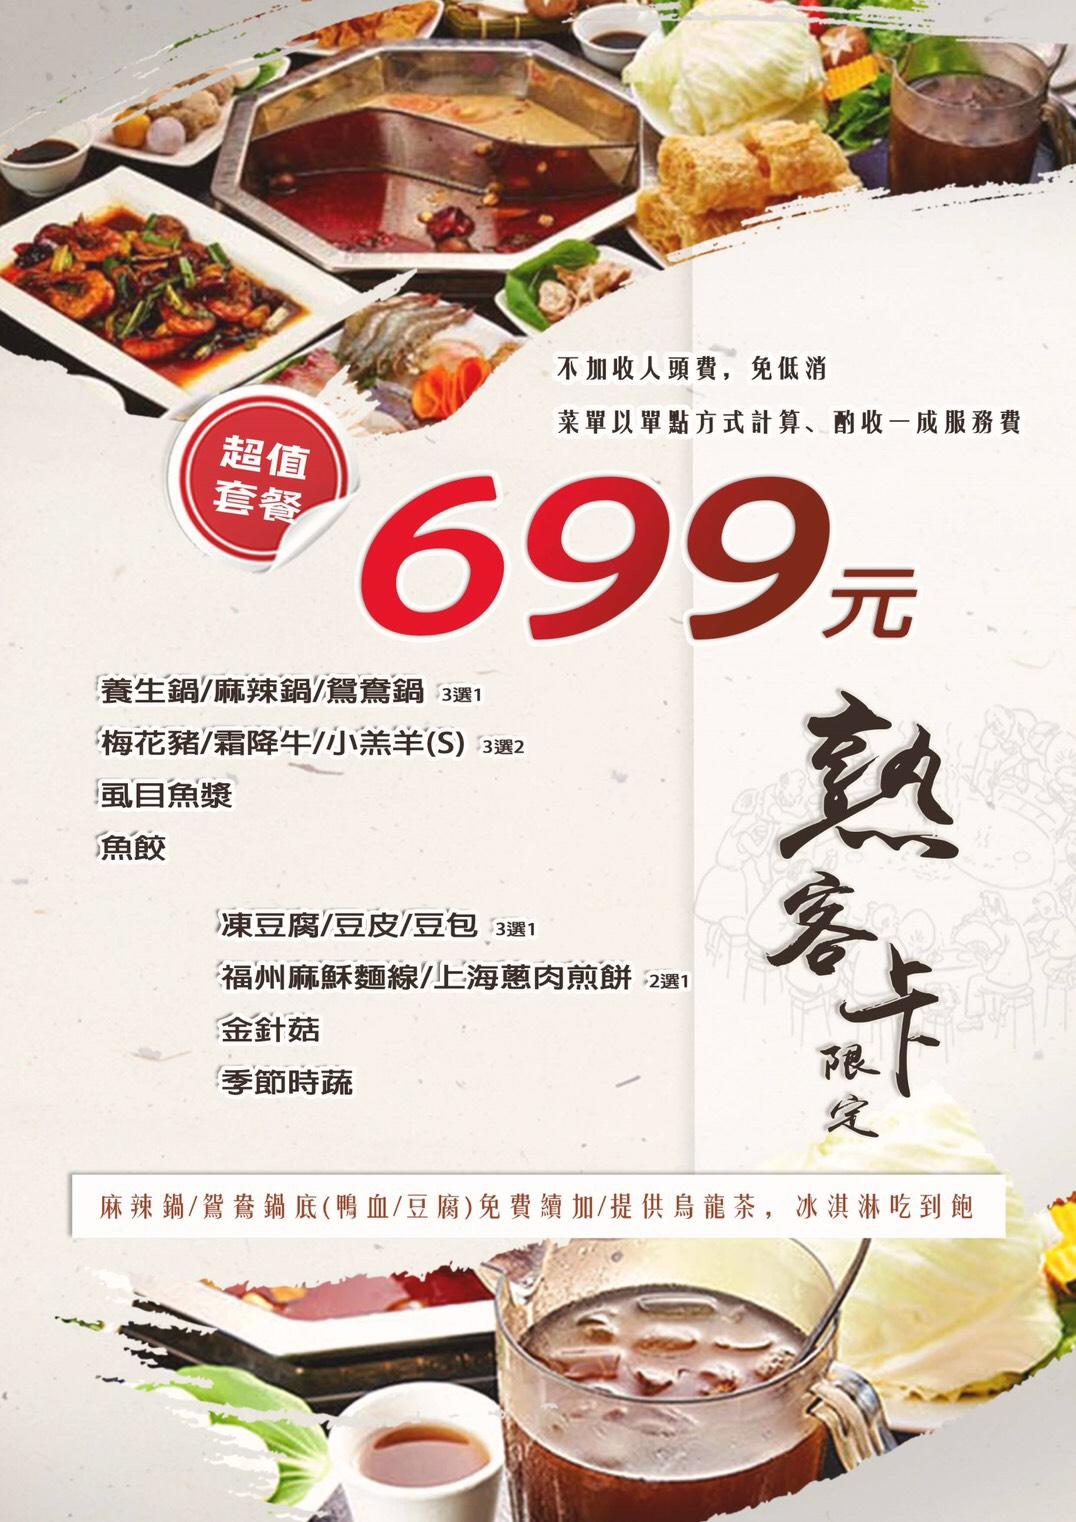 台南麻辣鍋|蜀姥香麻辣鍋永康店:成都四川味中國風餐廳 @緹雅瑪 美食旅遊趣